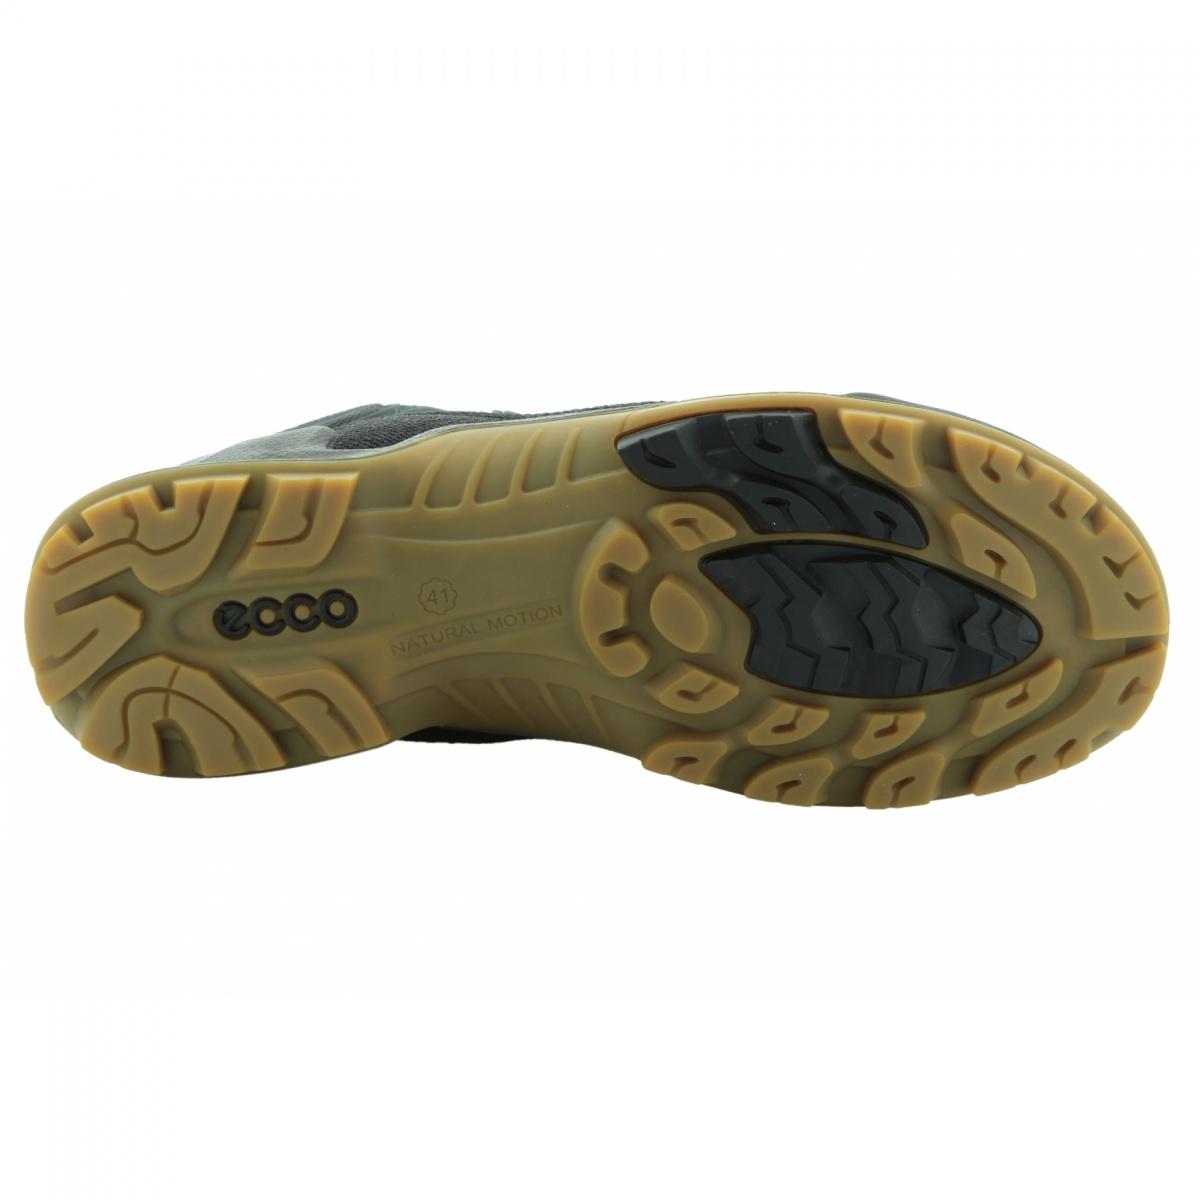 Джинсы и туфли с доставкой